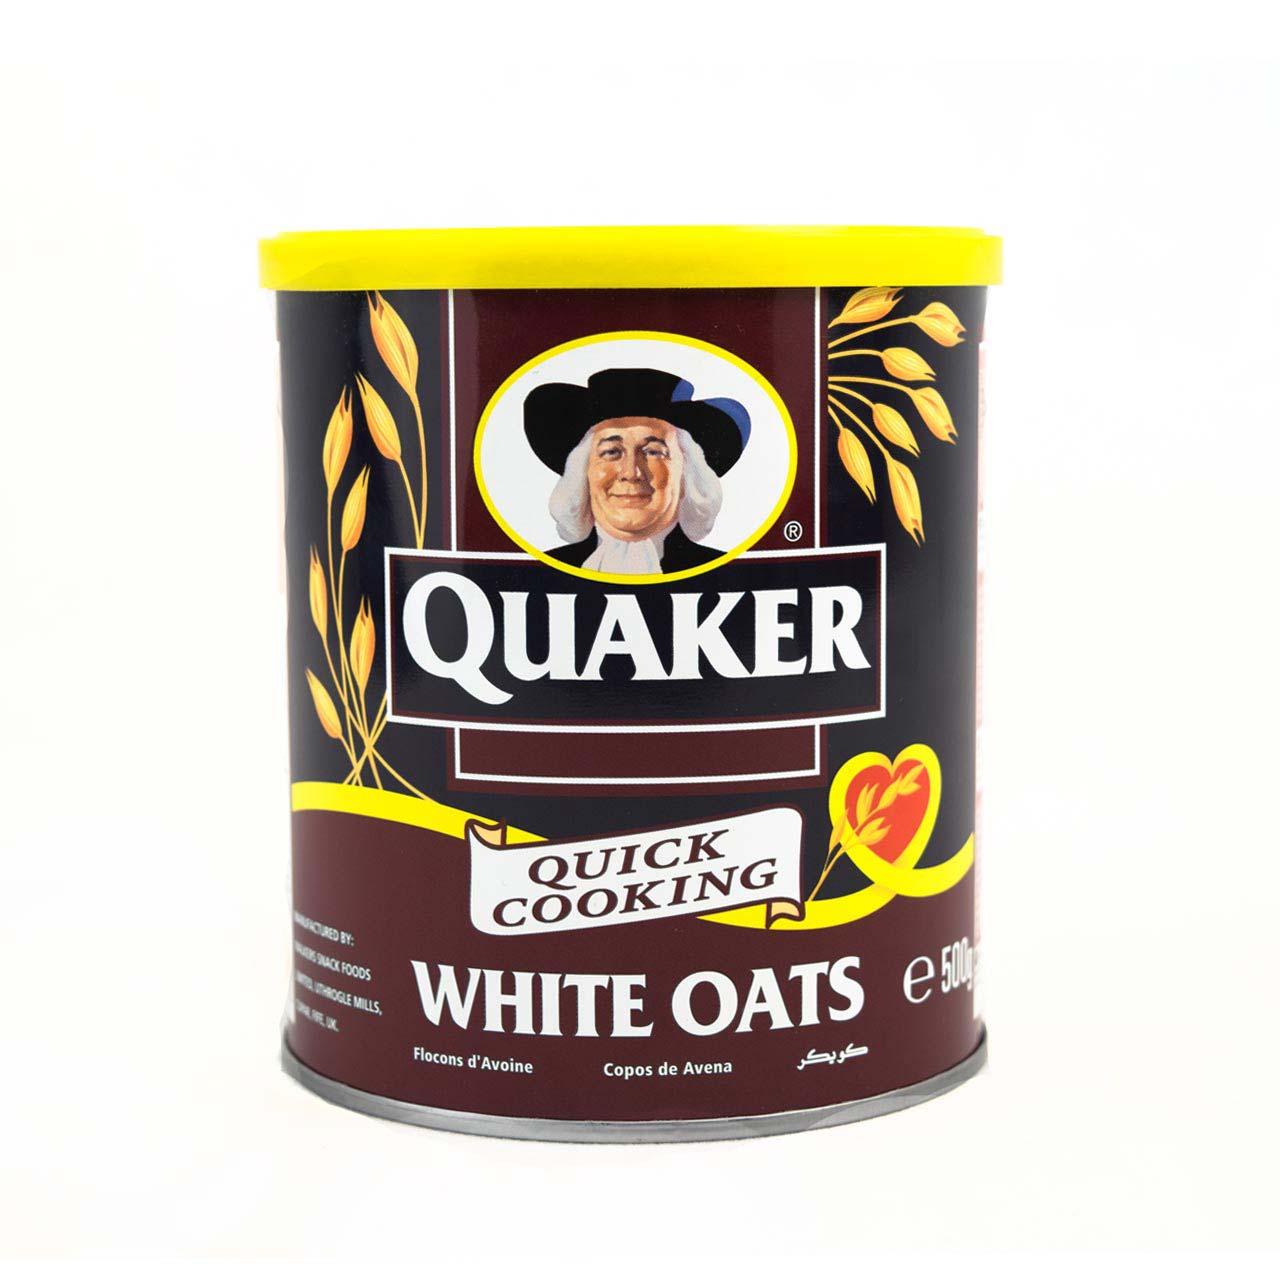 جو پرک کواکر – Quaker